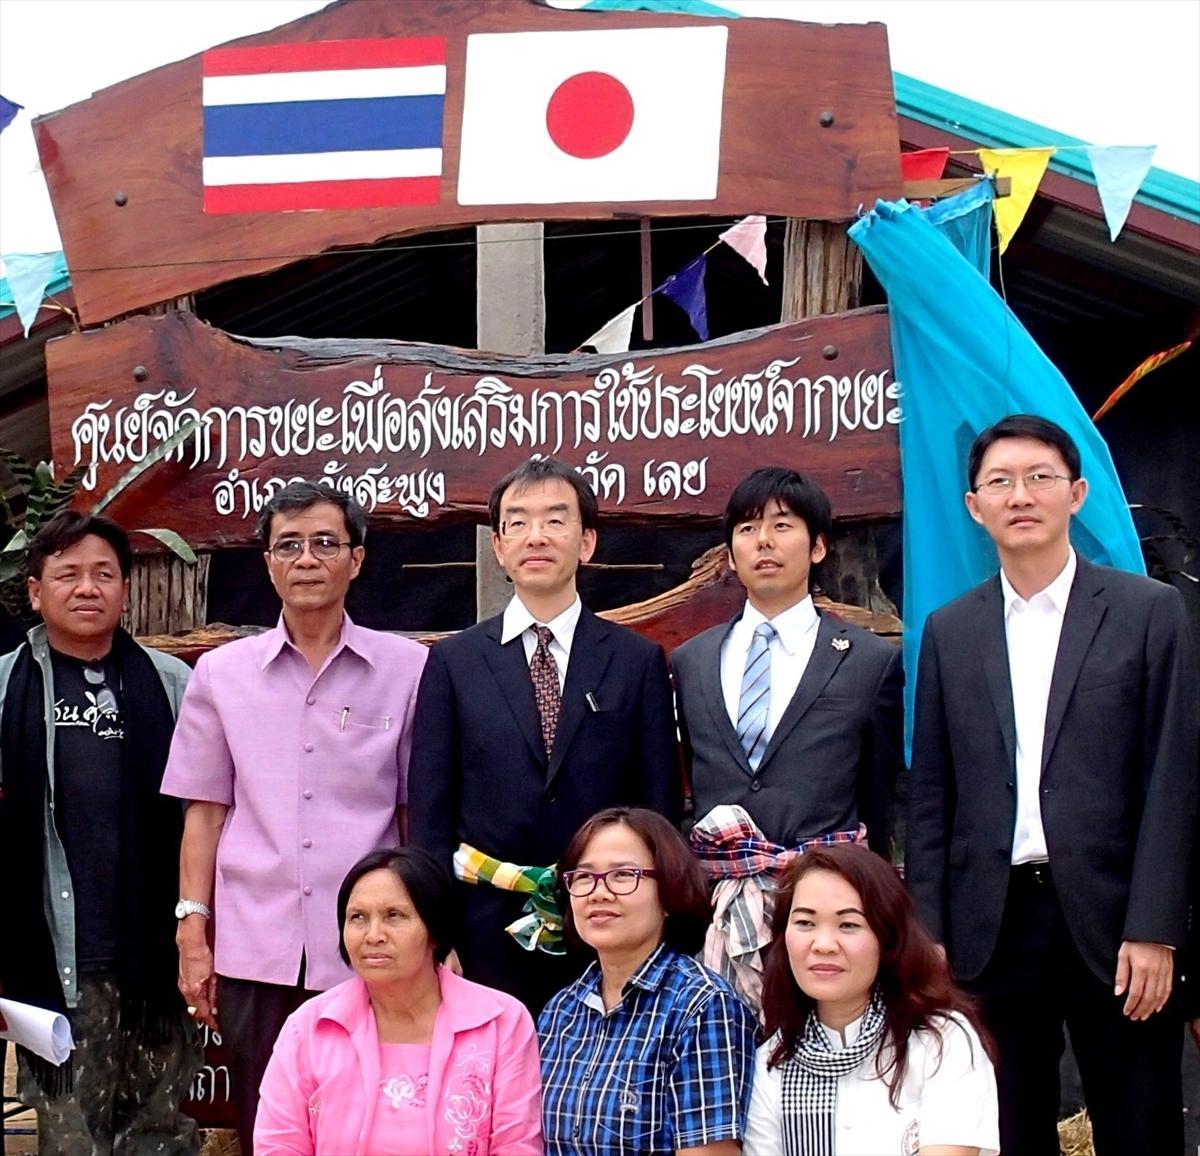 【タイ】ルーイ県の資源リサイクル・ゴミ処理施設整備計画を支援―在タイ日本国大使館